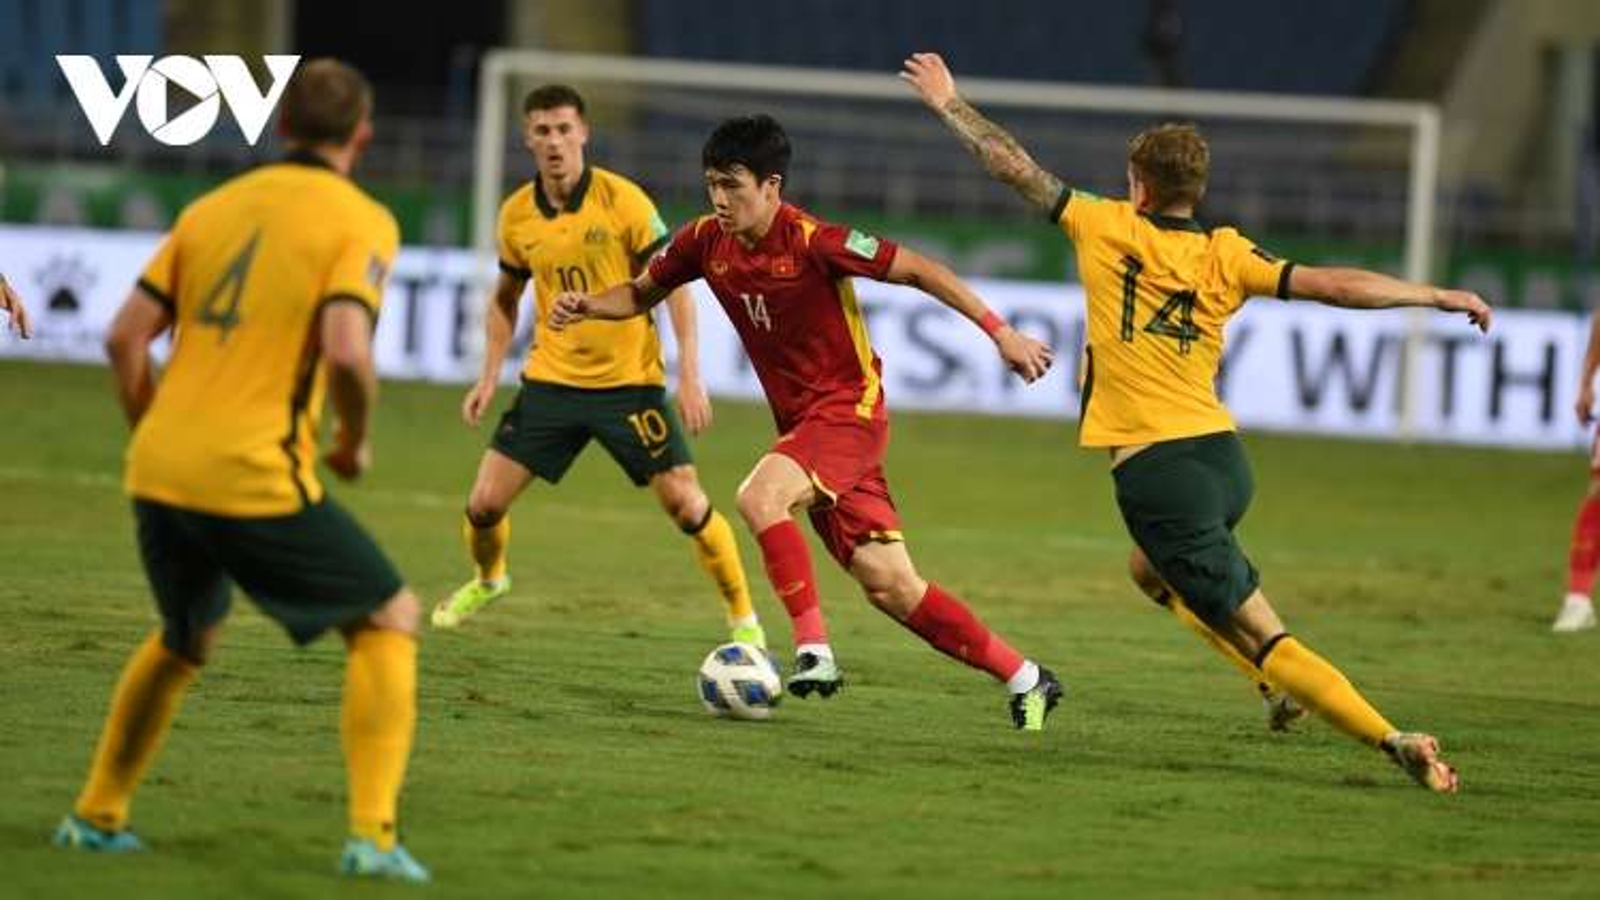 Xếp hạng bảng B vòng loại World Cup 2022: ĐT Việt Nam vẫn đứng trên Trung Quốc